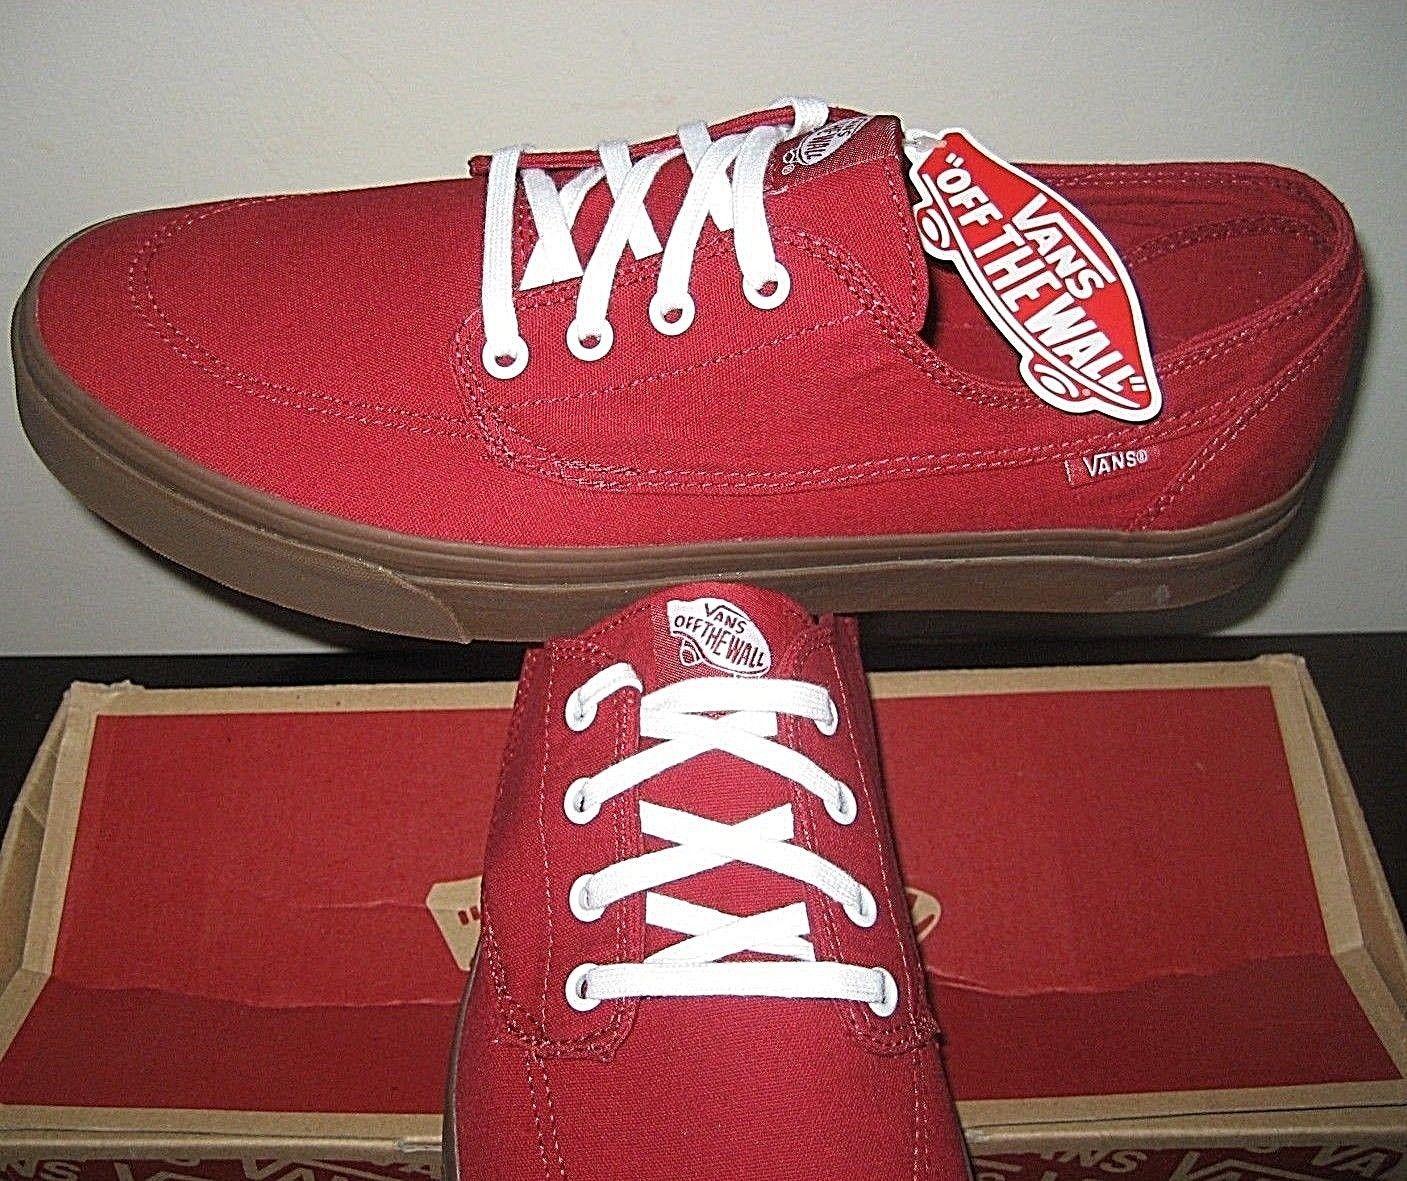 fdd35456b25a Vans Mens Brigata Gumsole Chili Pepper Red and 50 similar items